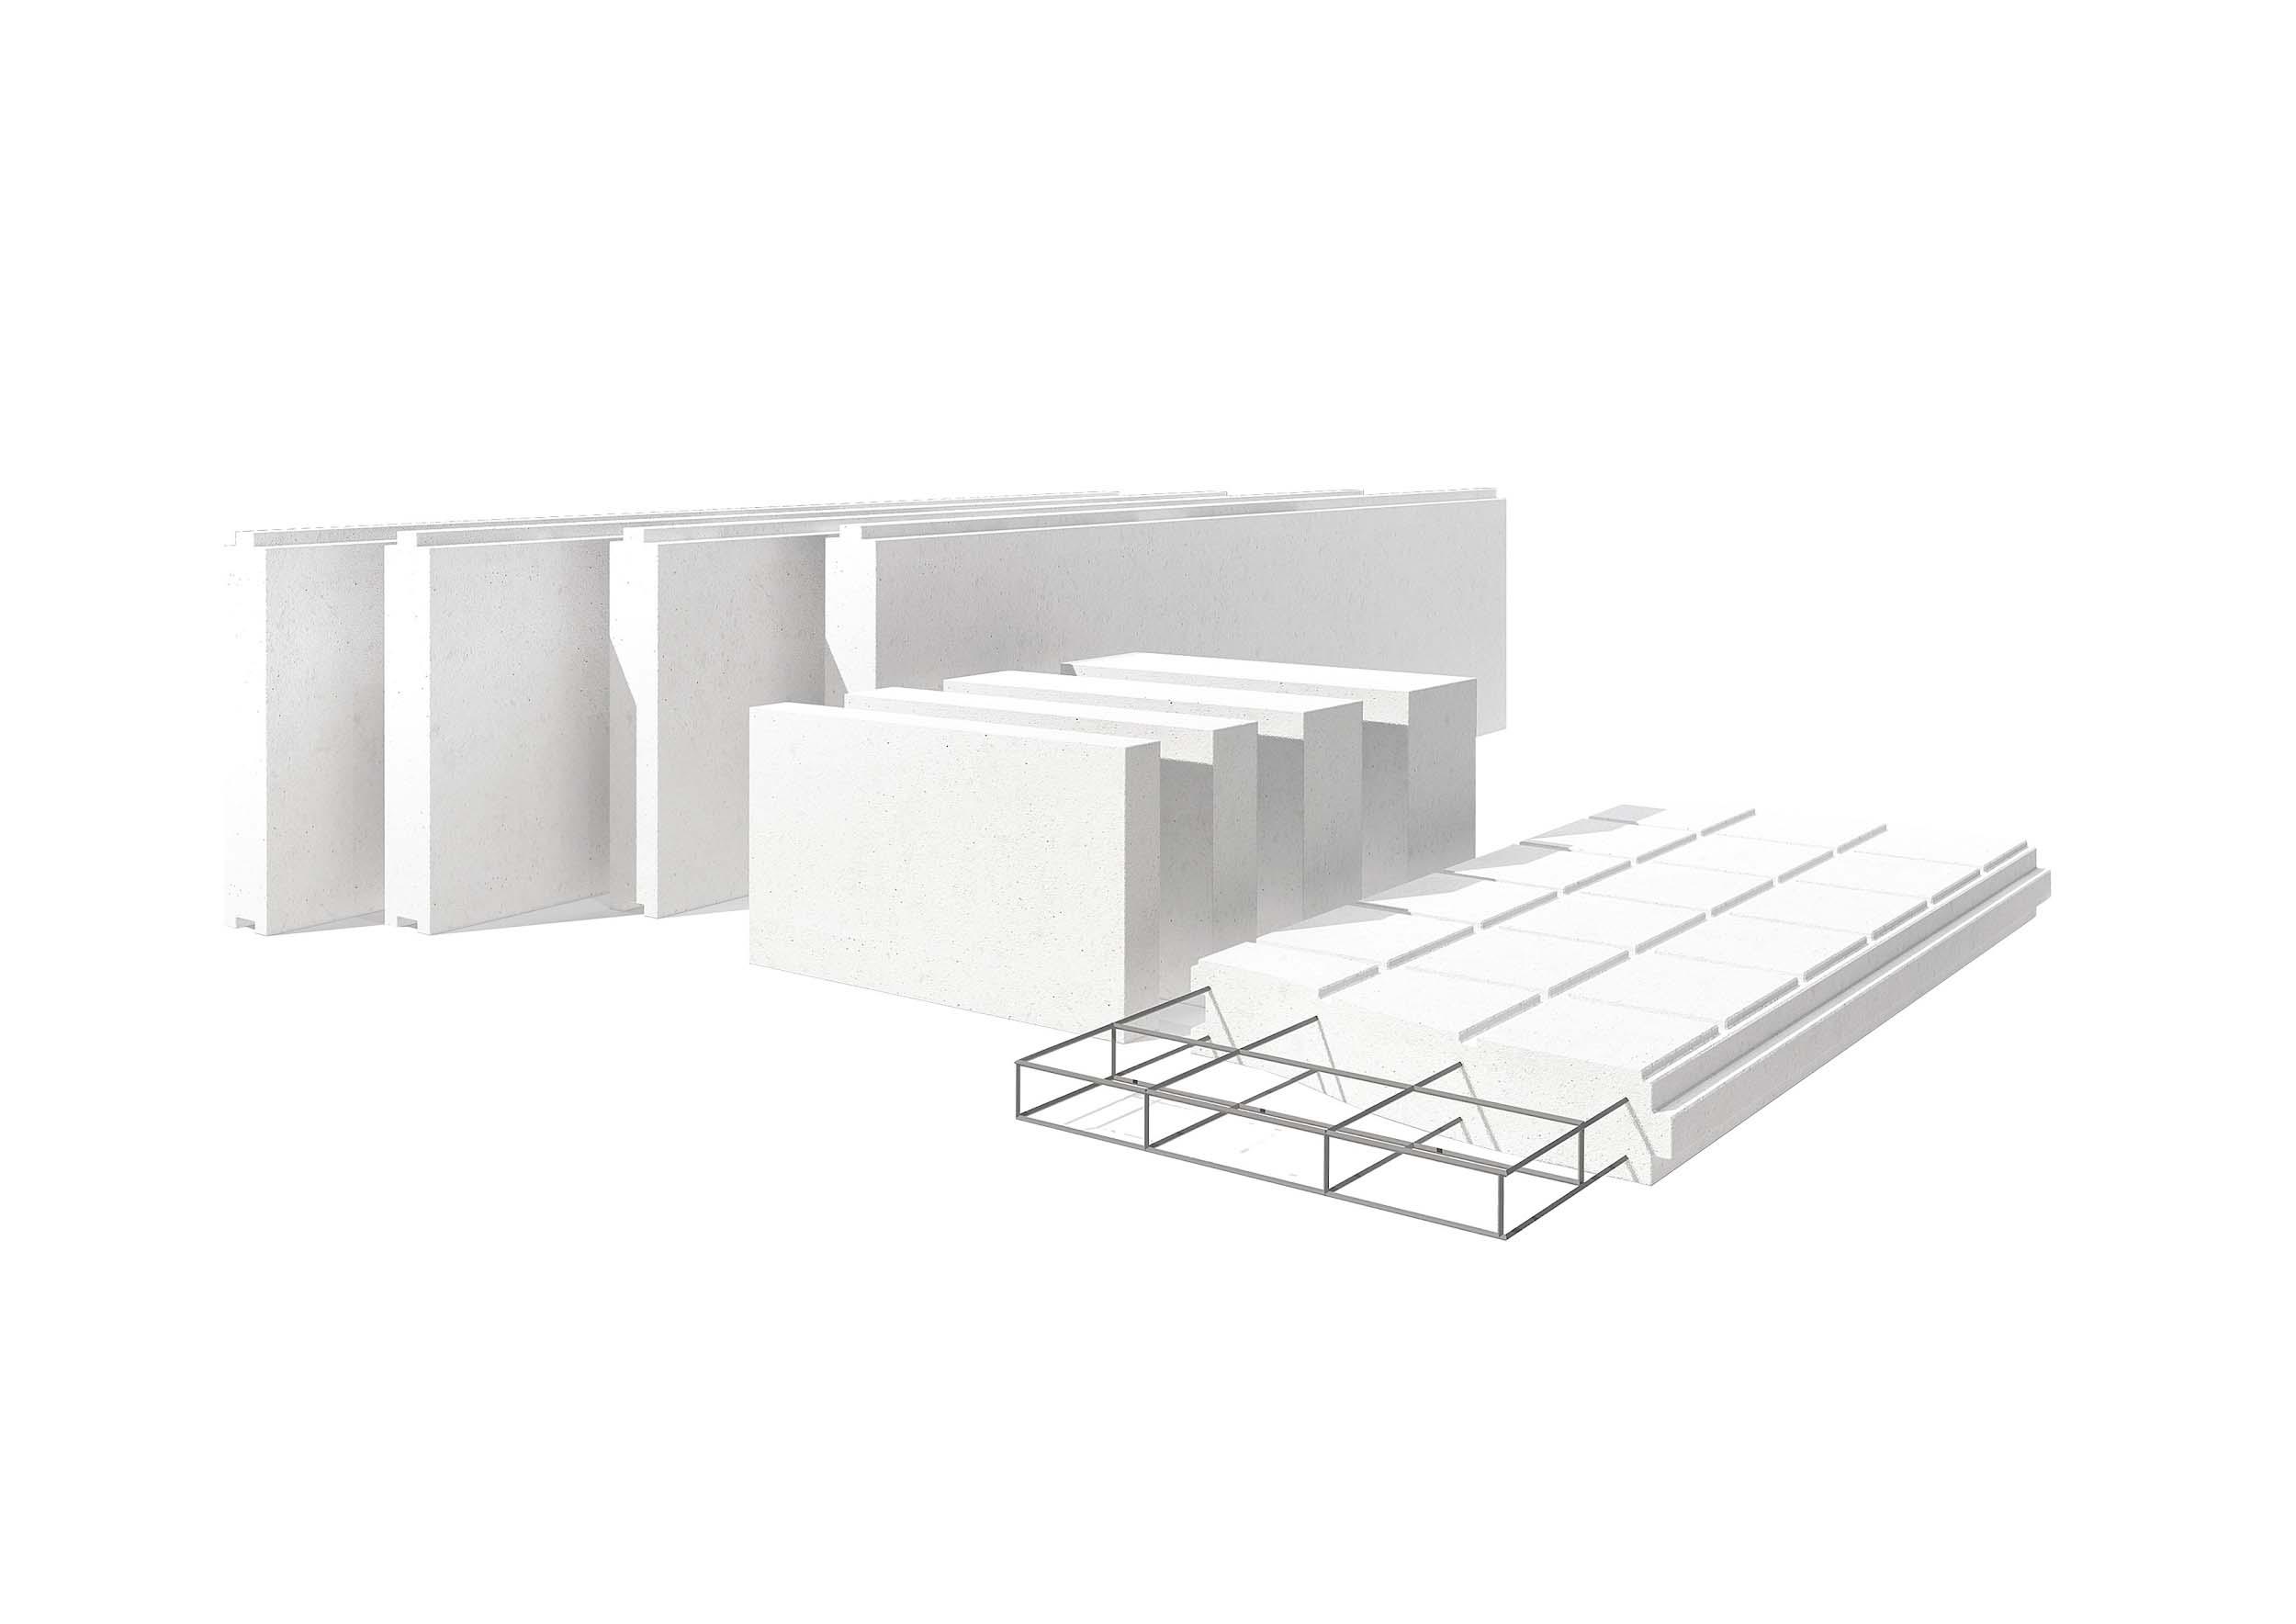 Tấm panel ALC – vật liệu lý tưởng cho các tòa nhà kiên cố